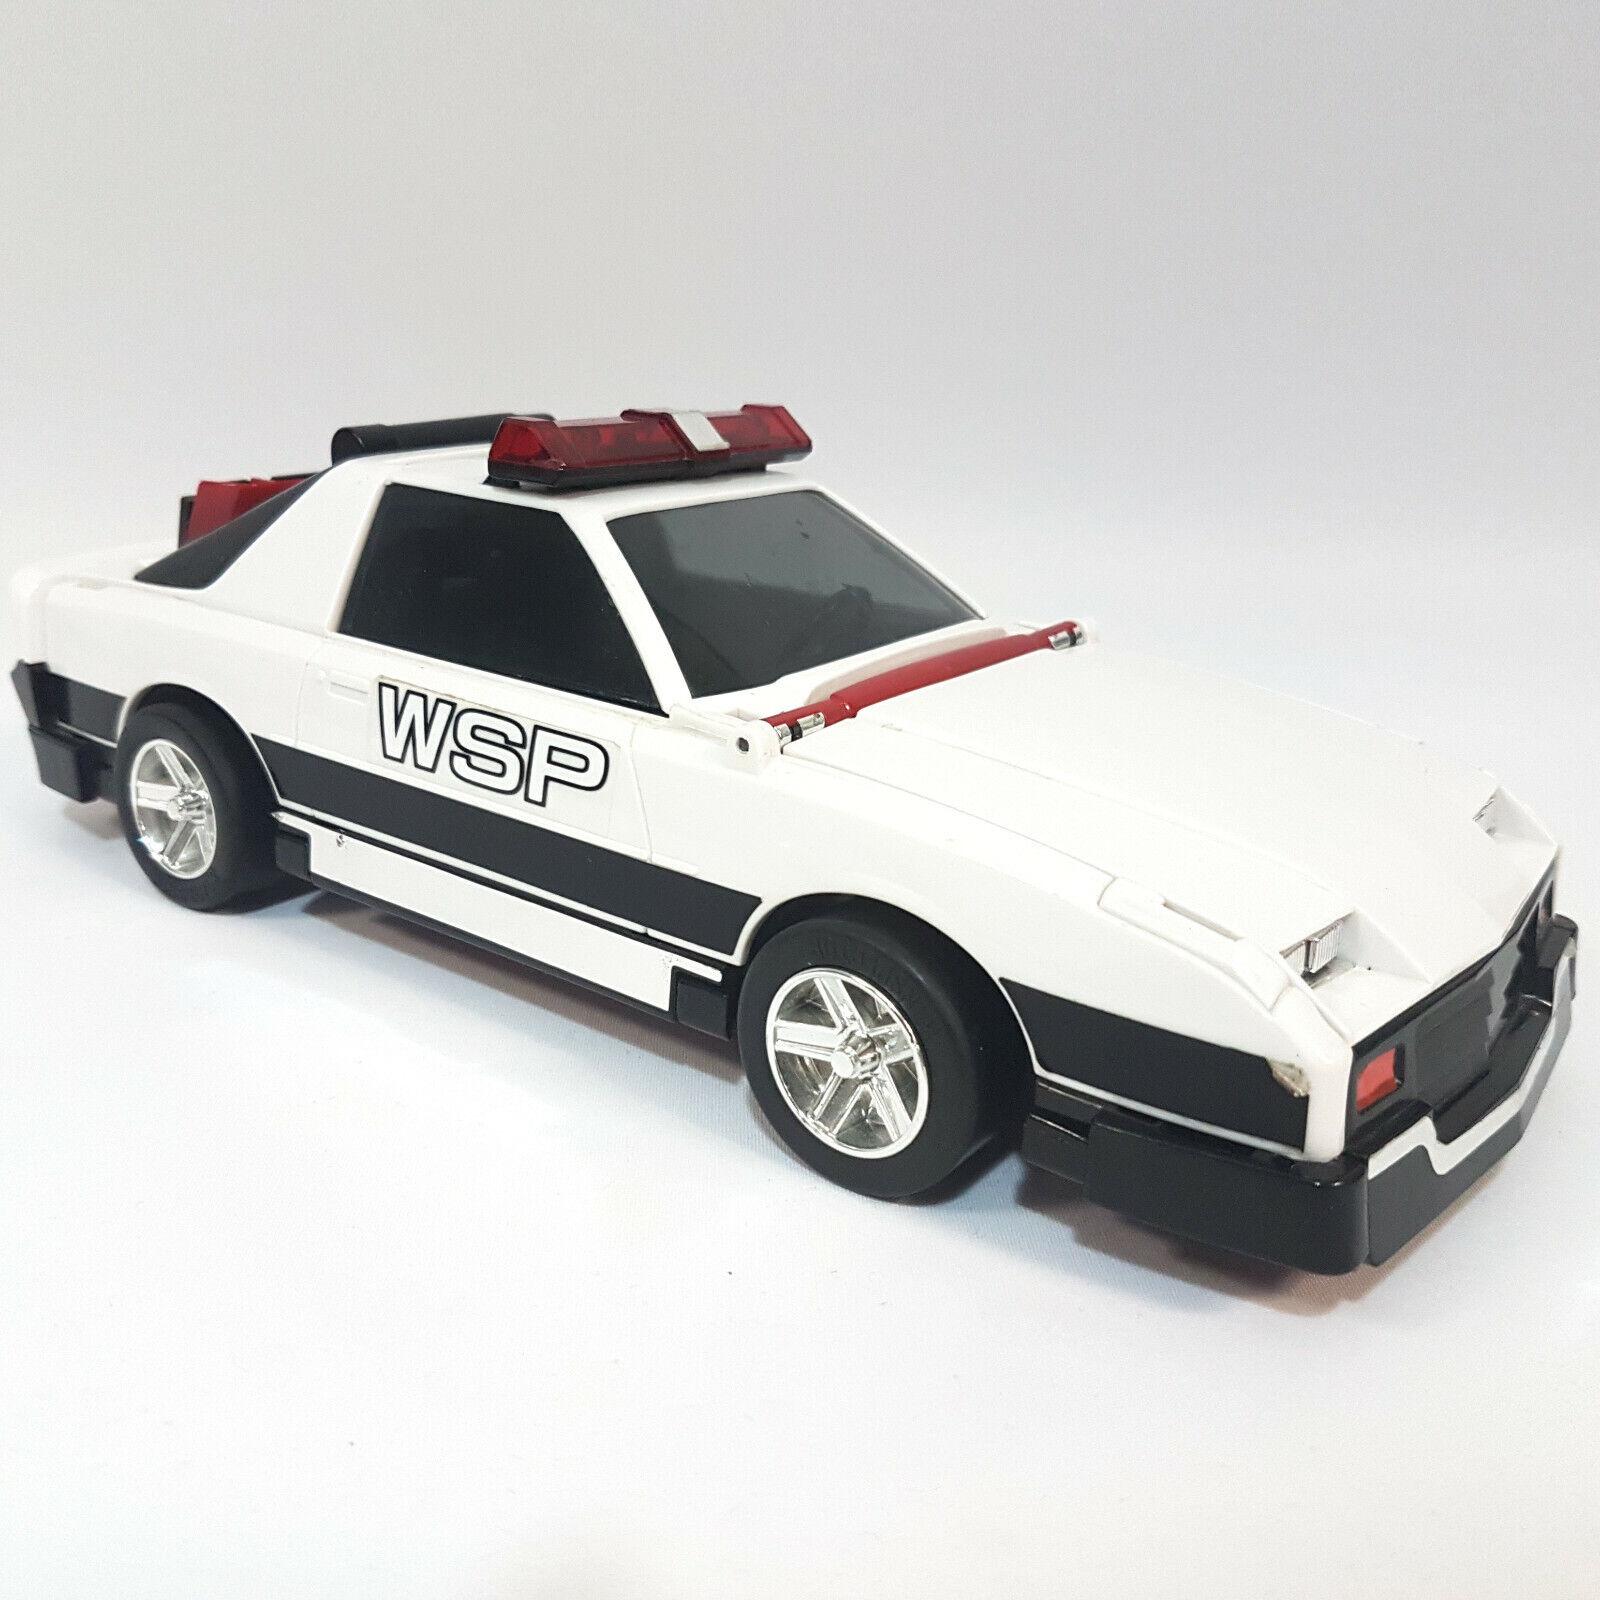 1990 BeAI  Metal Hero WSP Winspector winsquad  godendo i tuoi acquisti